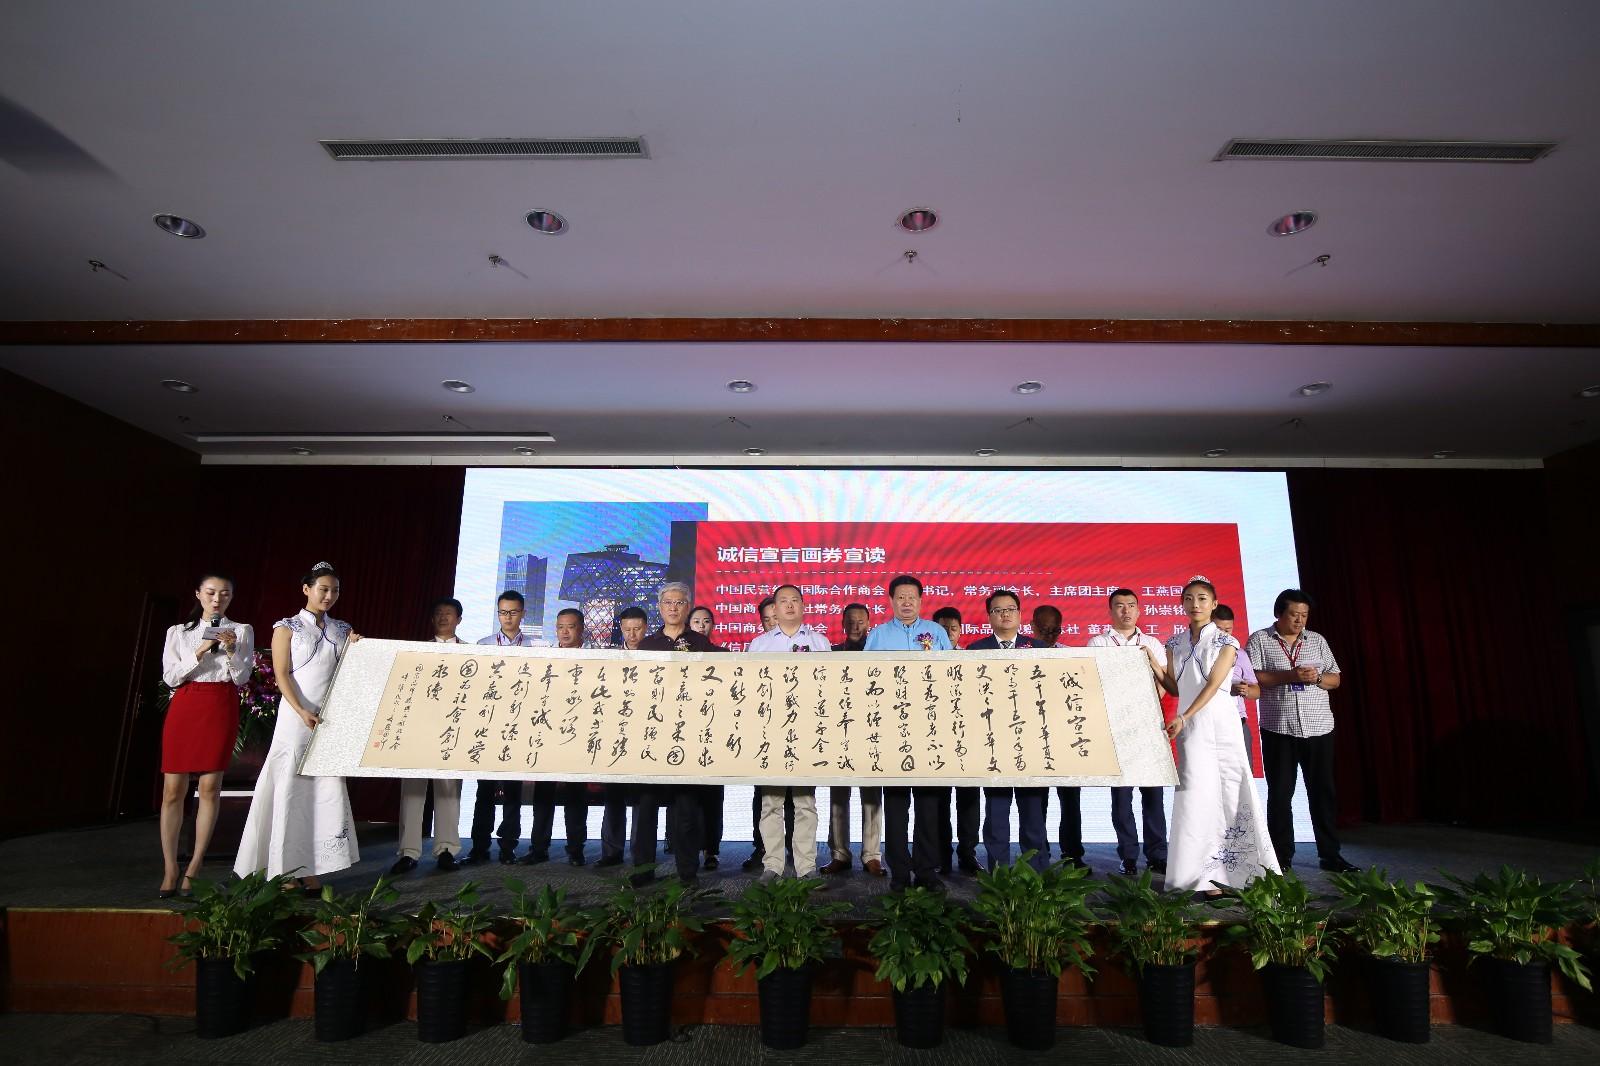 [中华网]推进商业信用体系建设,促进企业诚实守信经营